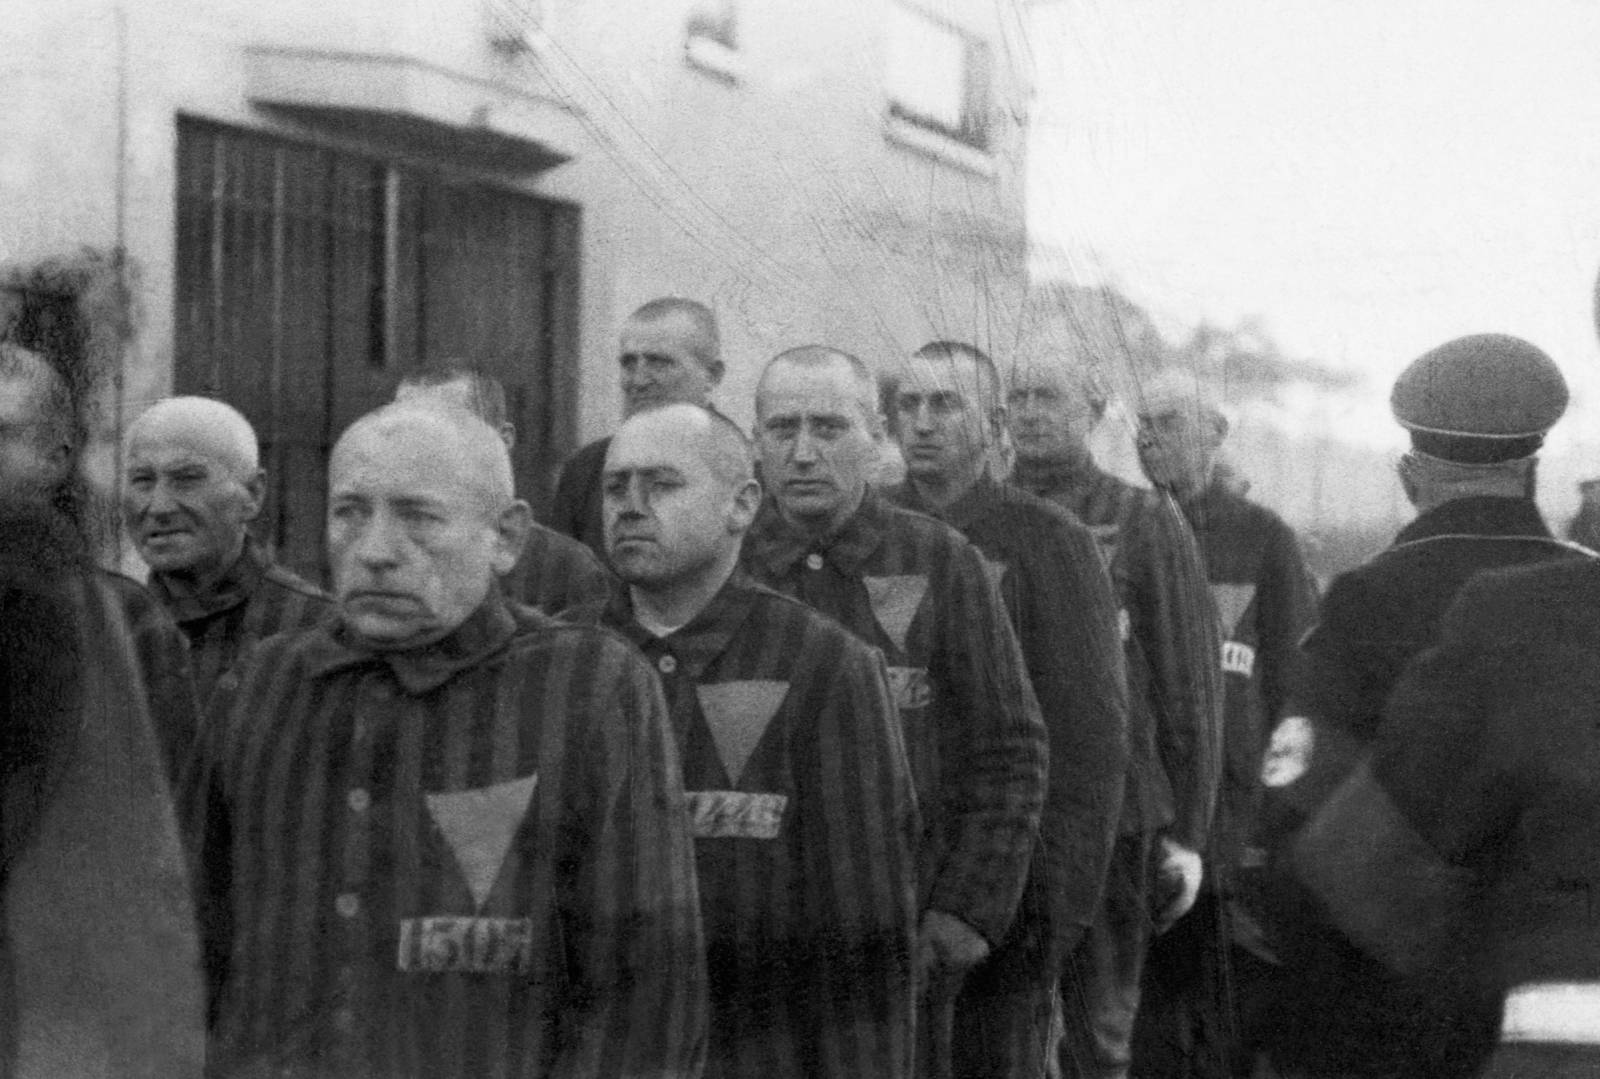 Prigionieri dei campi di concentramento che indossano triangoli rosa sulle uniformi e marciano scortati dalle guardie in Germania nel 1938.